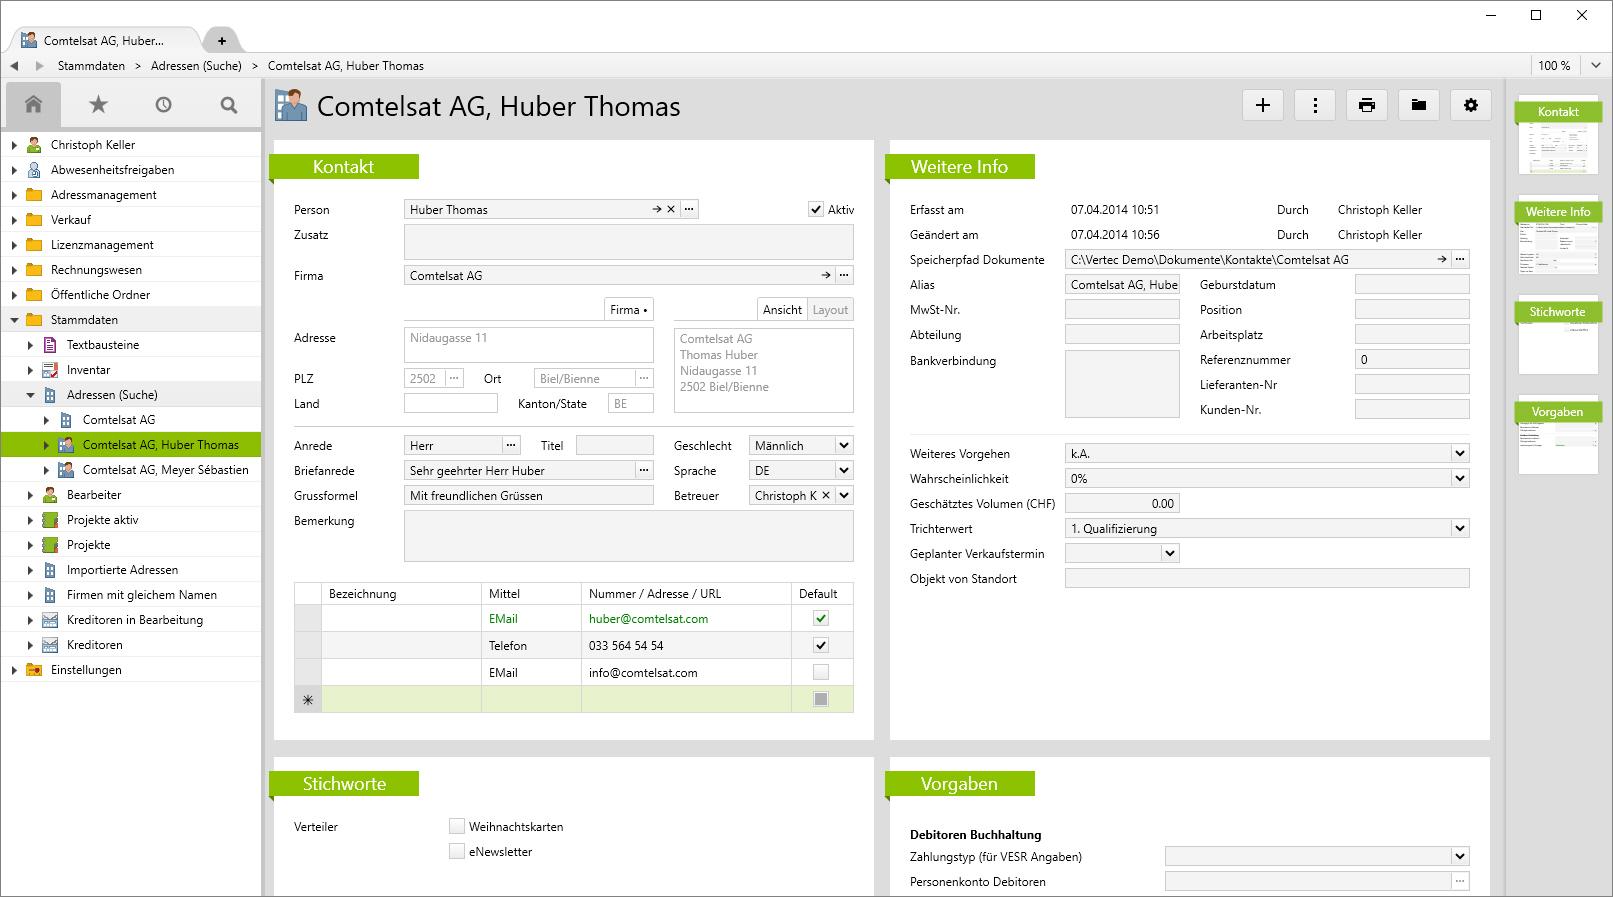 Mit Hilfe der Stammdaten lässt sich die Vertec Software individuell anpassen